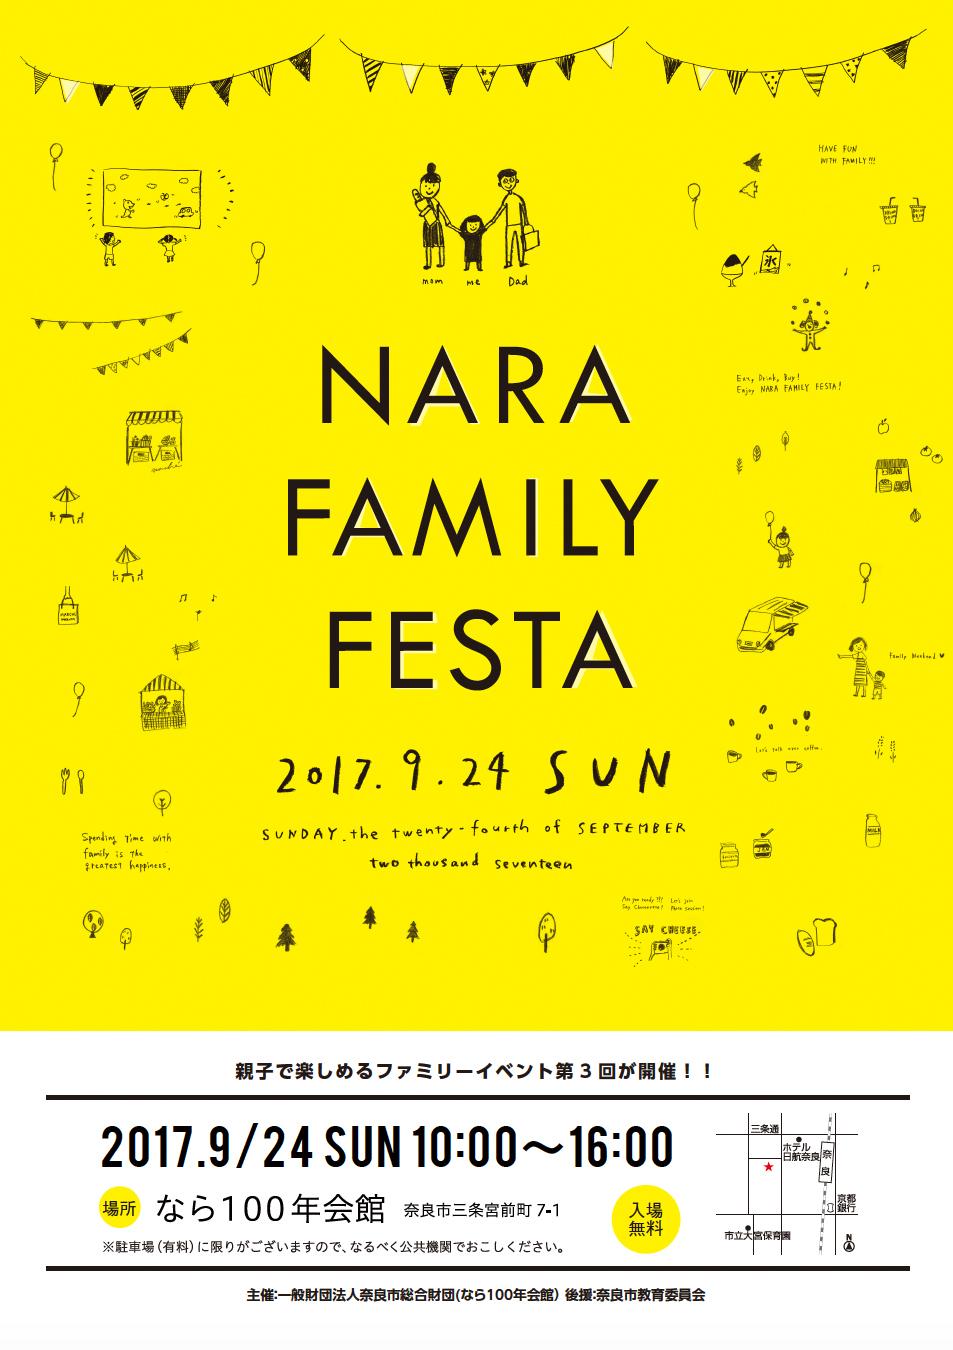 2017.9.24(日)なら100年会館「NARA FAMILY FESTA」